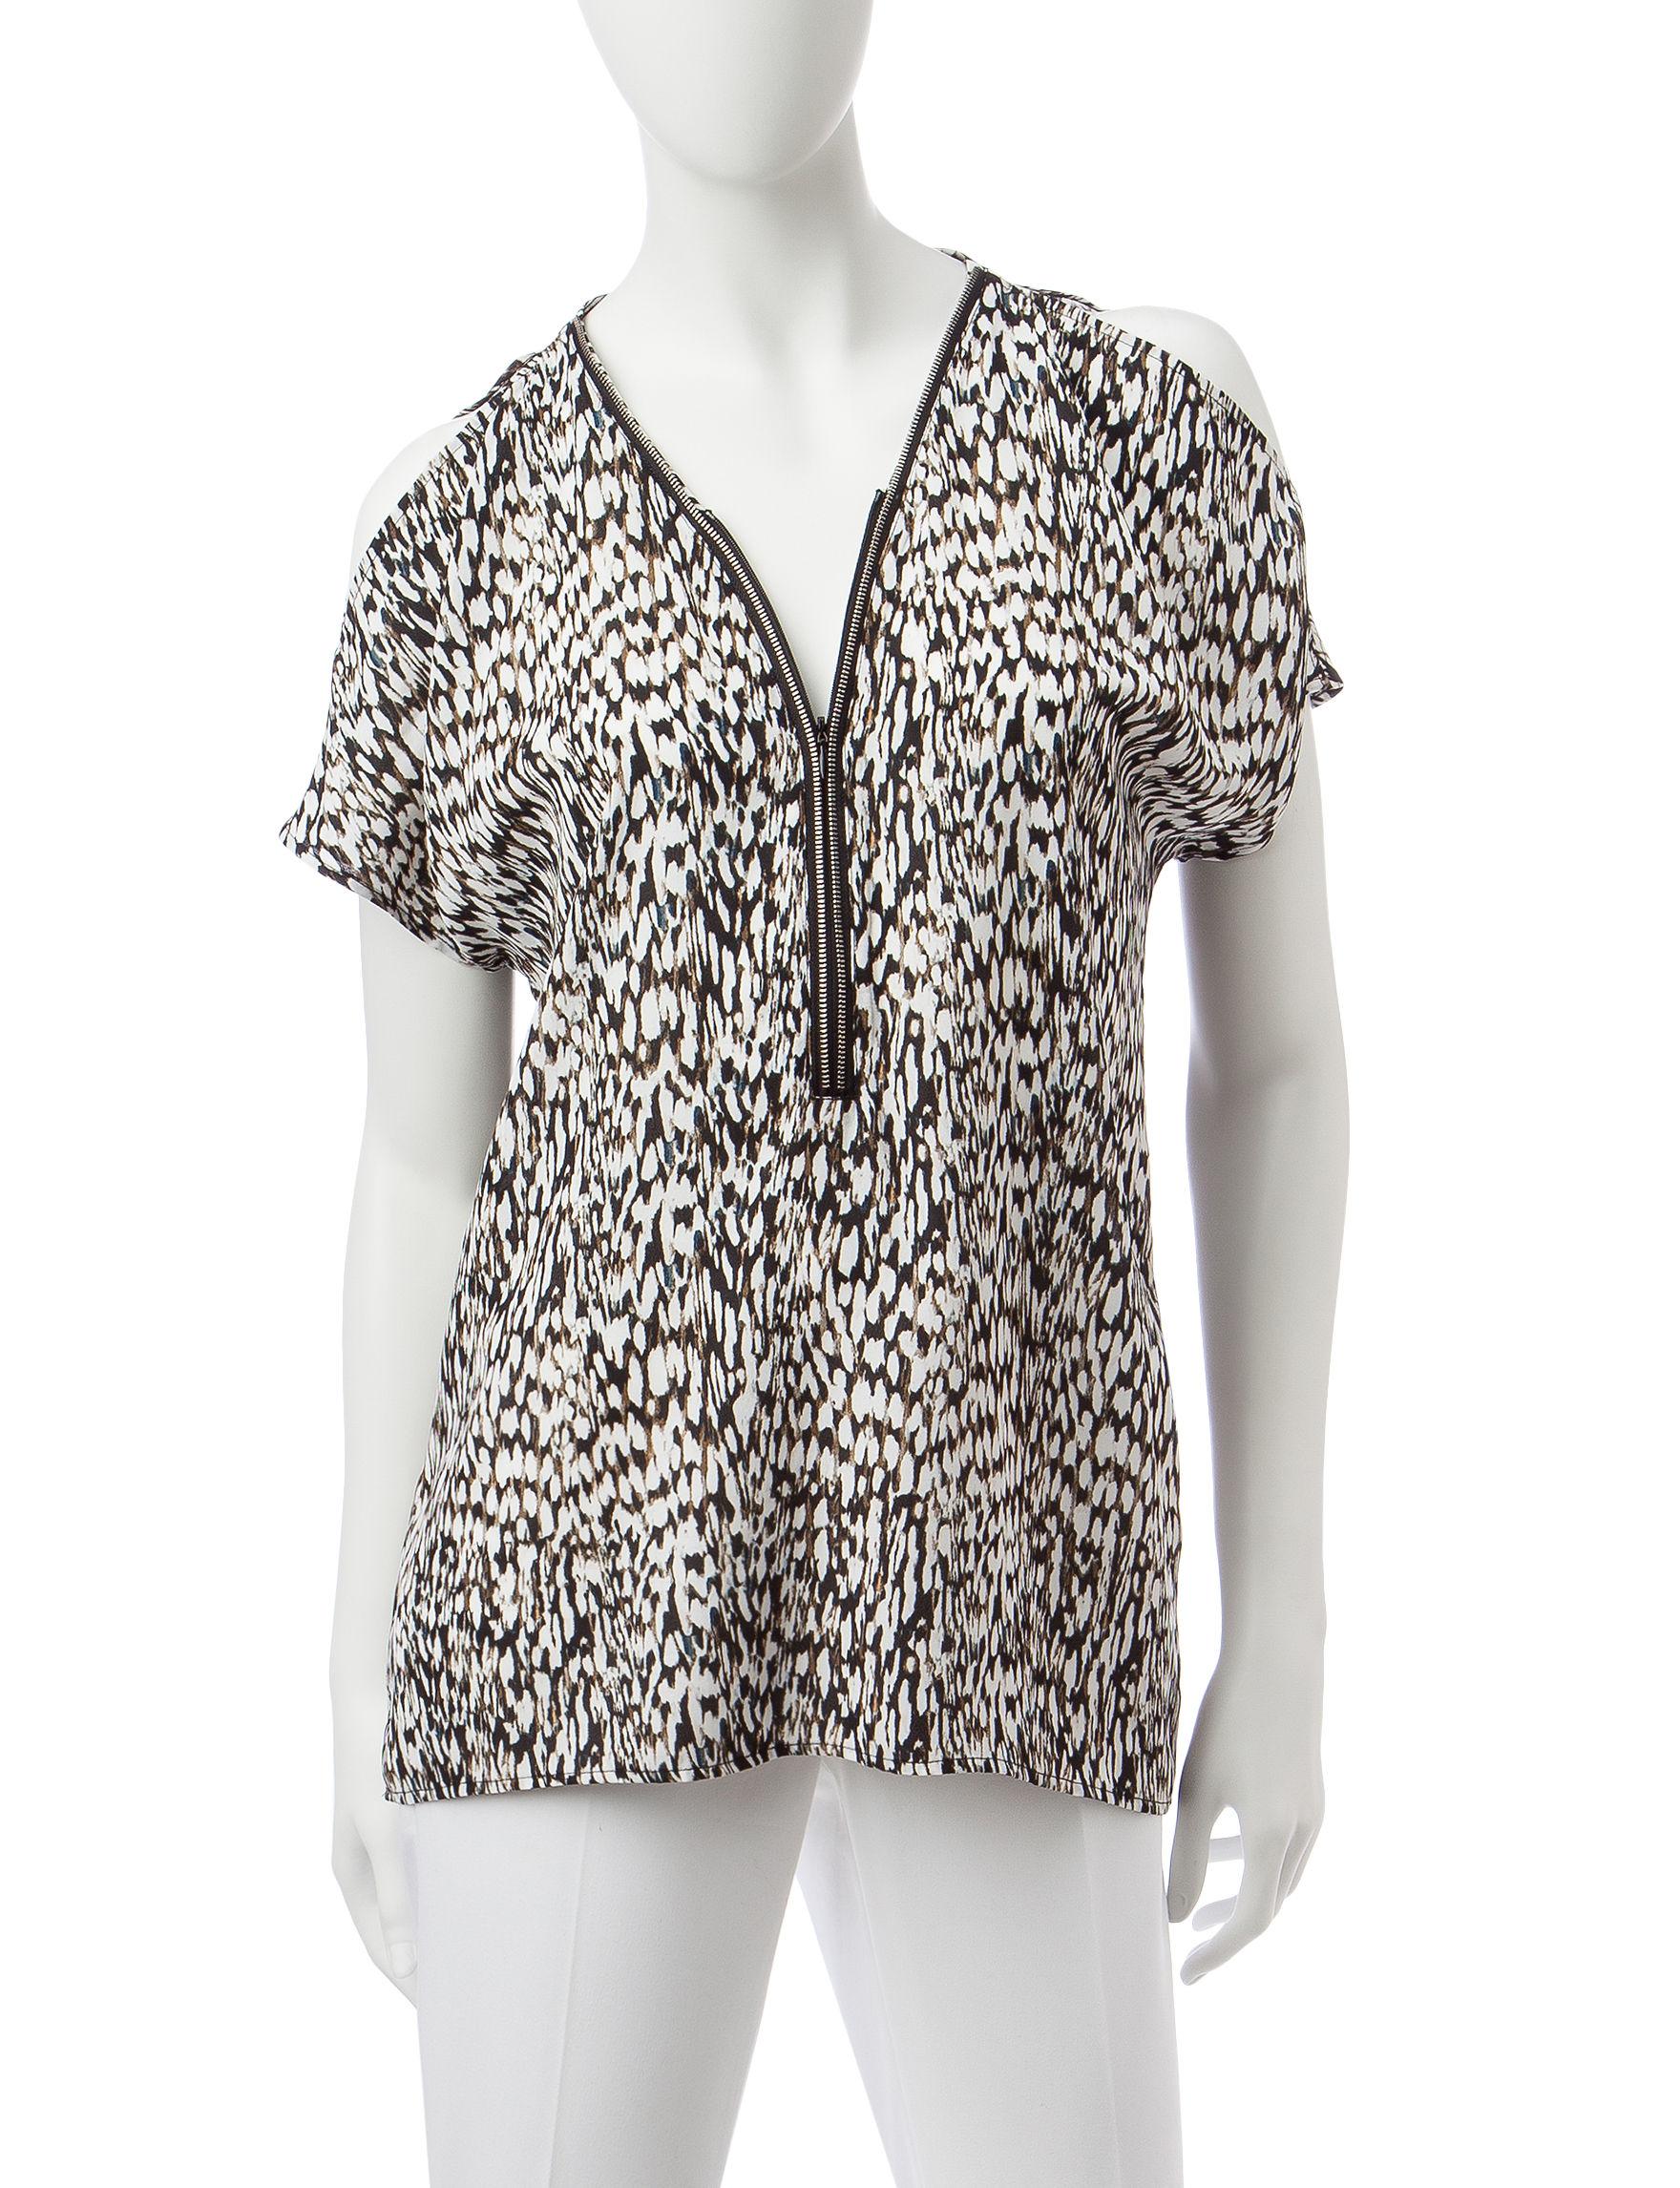 Valerie Stevens Black / Ivory Shirts & Blouses